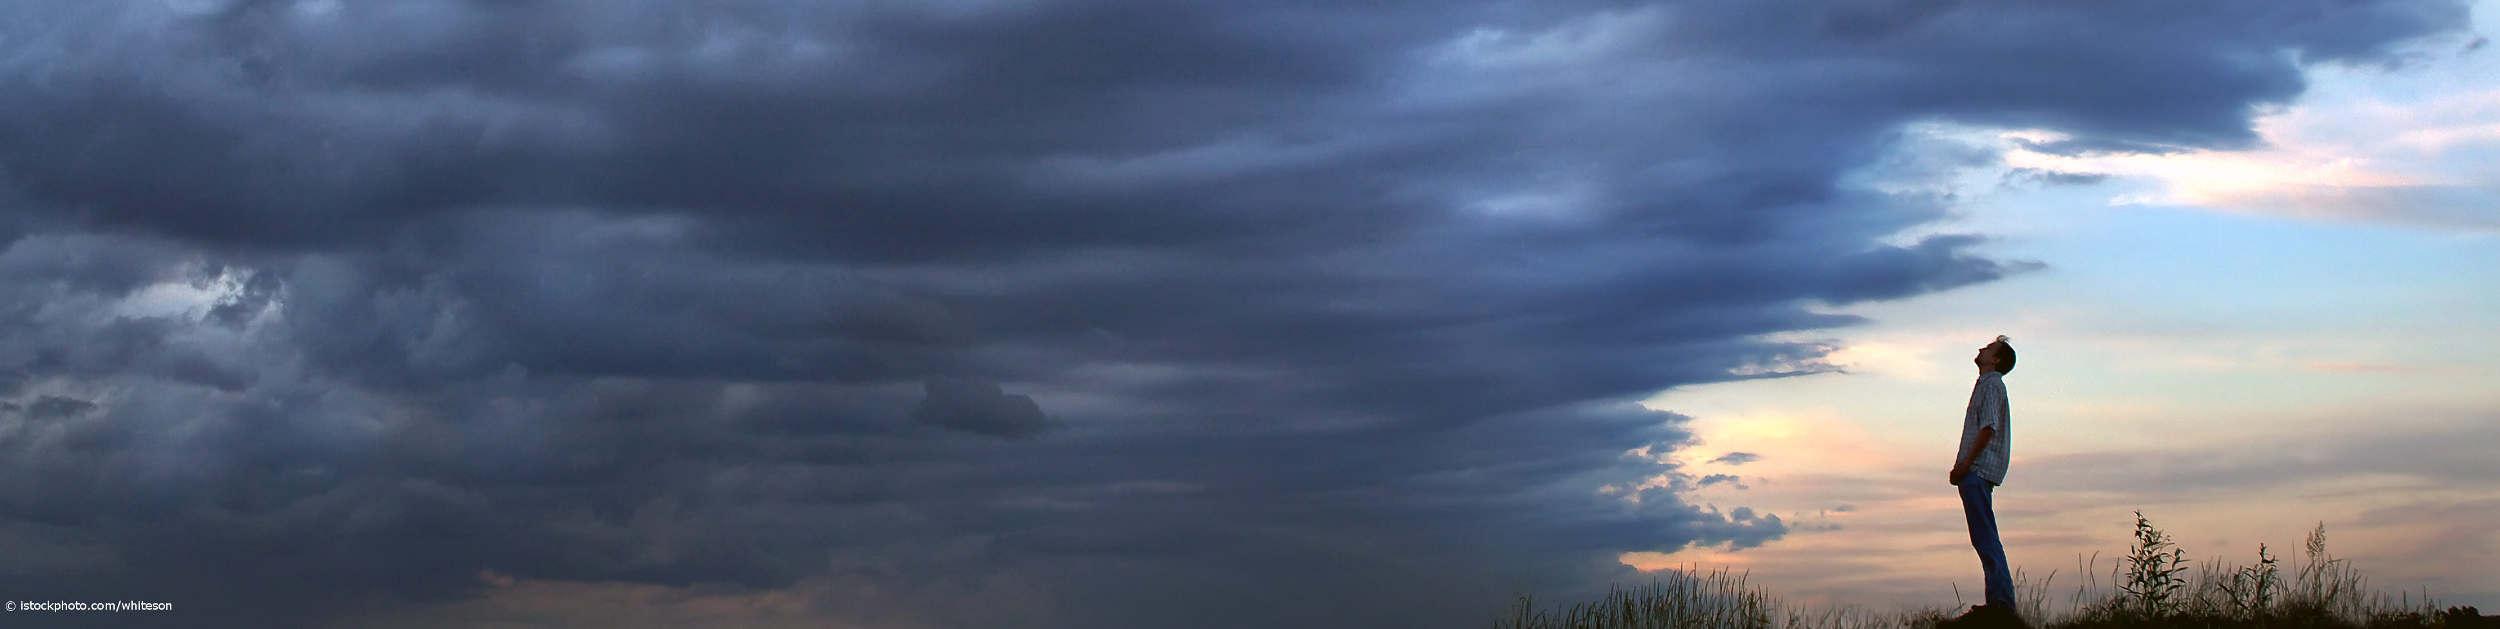 Resilienter Mann steht im Licht und schaut auf eine dunkle Wolkenwand.